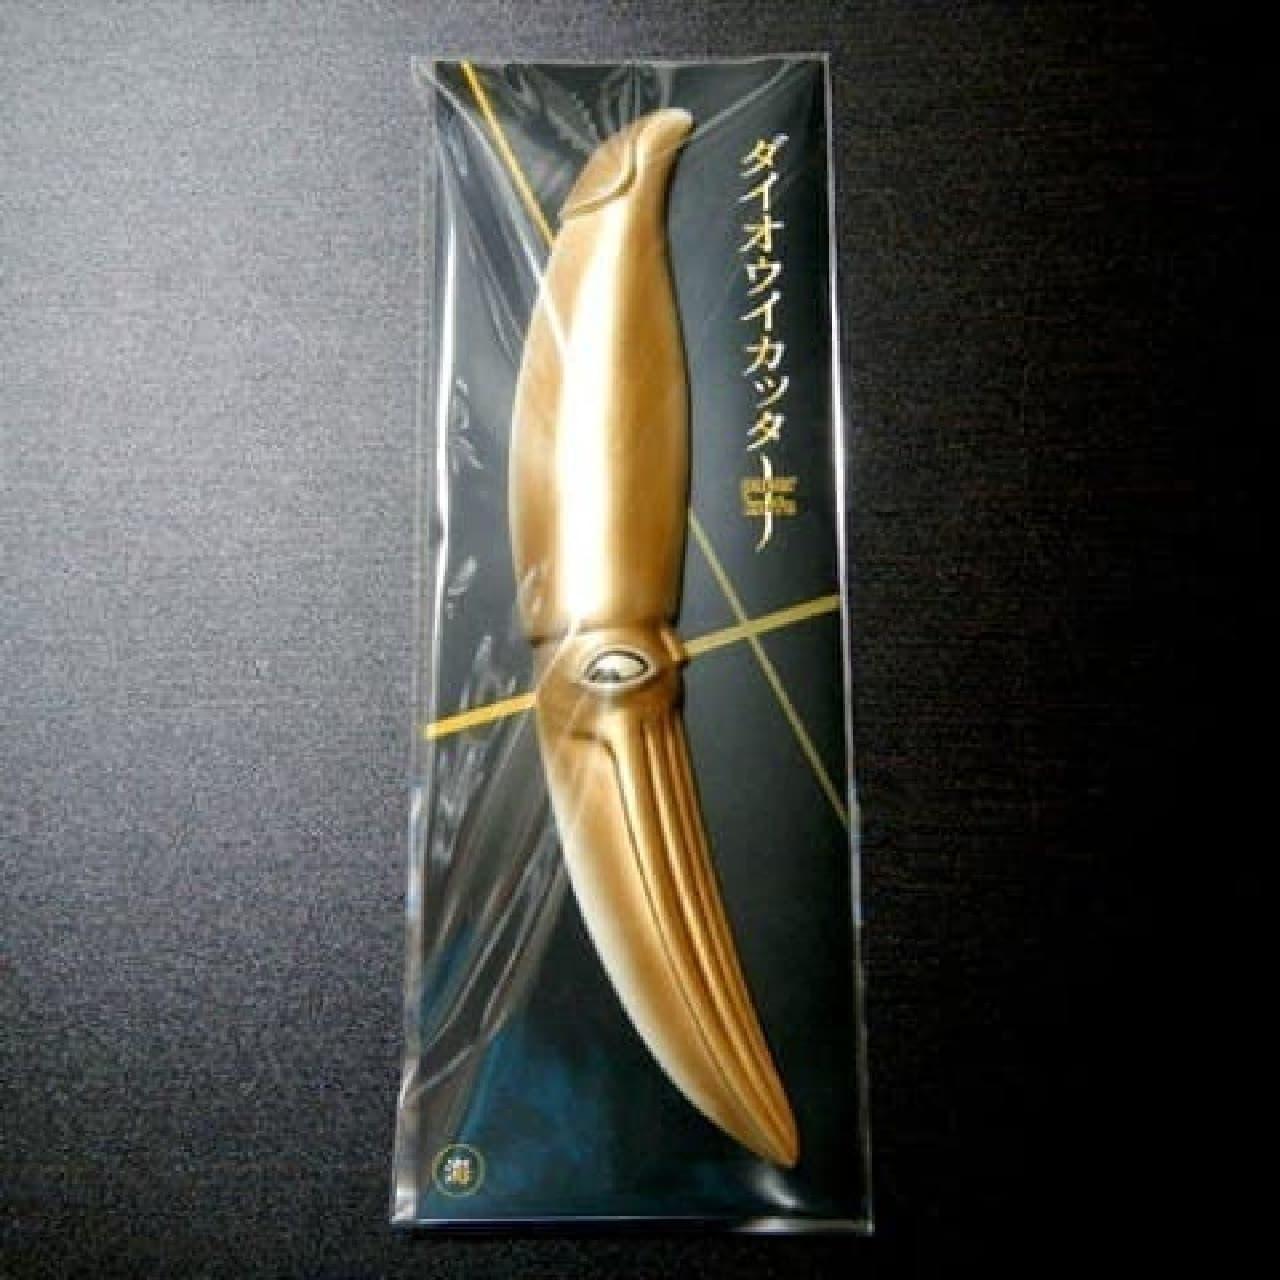 ダイオウイカモチーフのペーパーナイフ「ダイオウイカッター 黄金のペーパーナイフ」